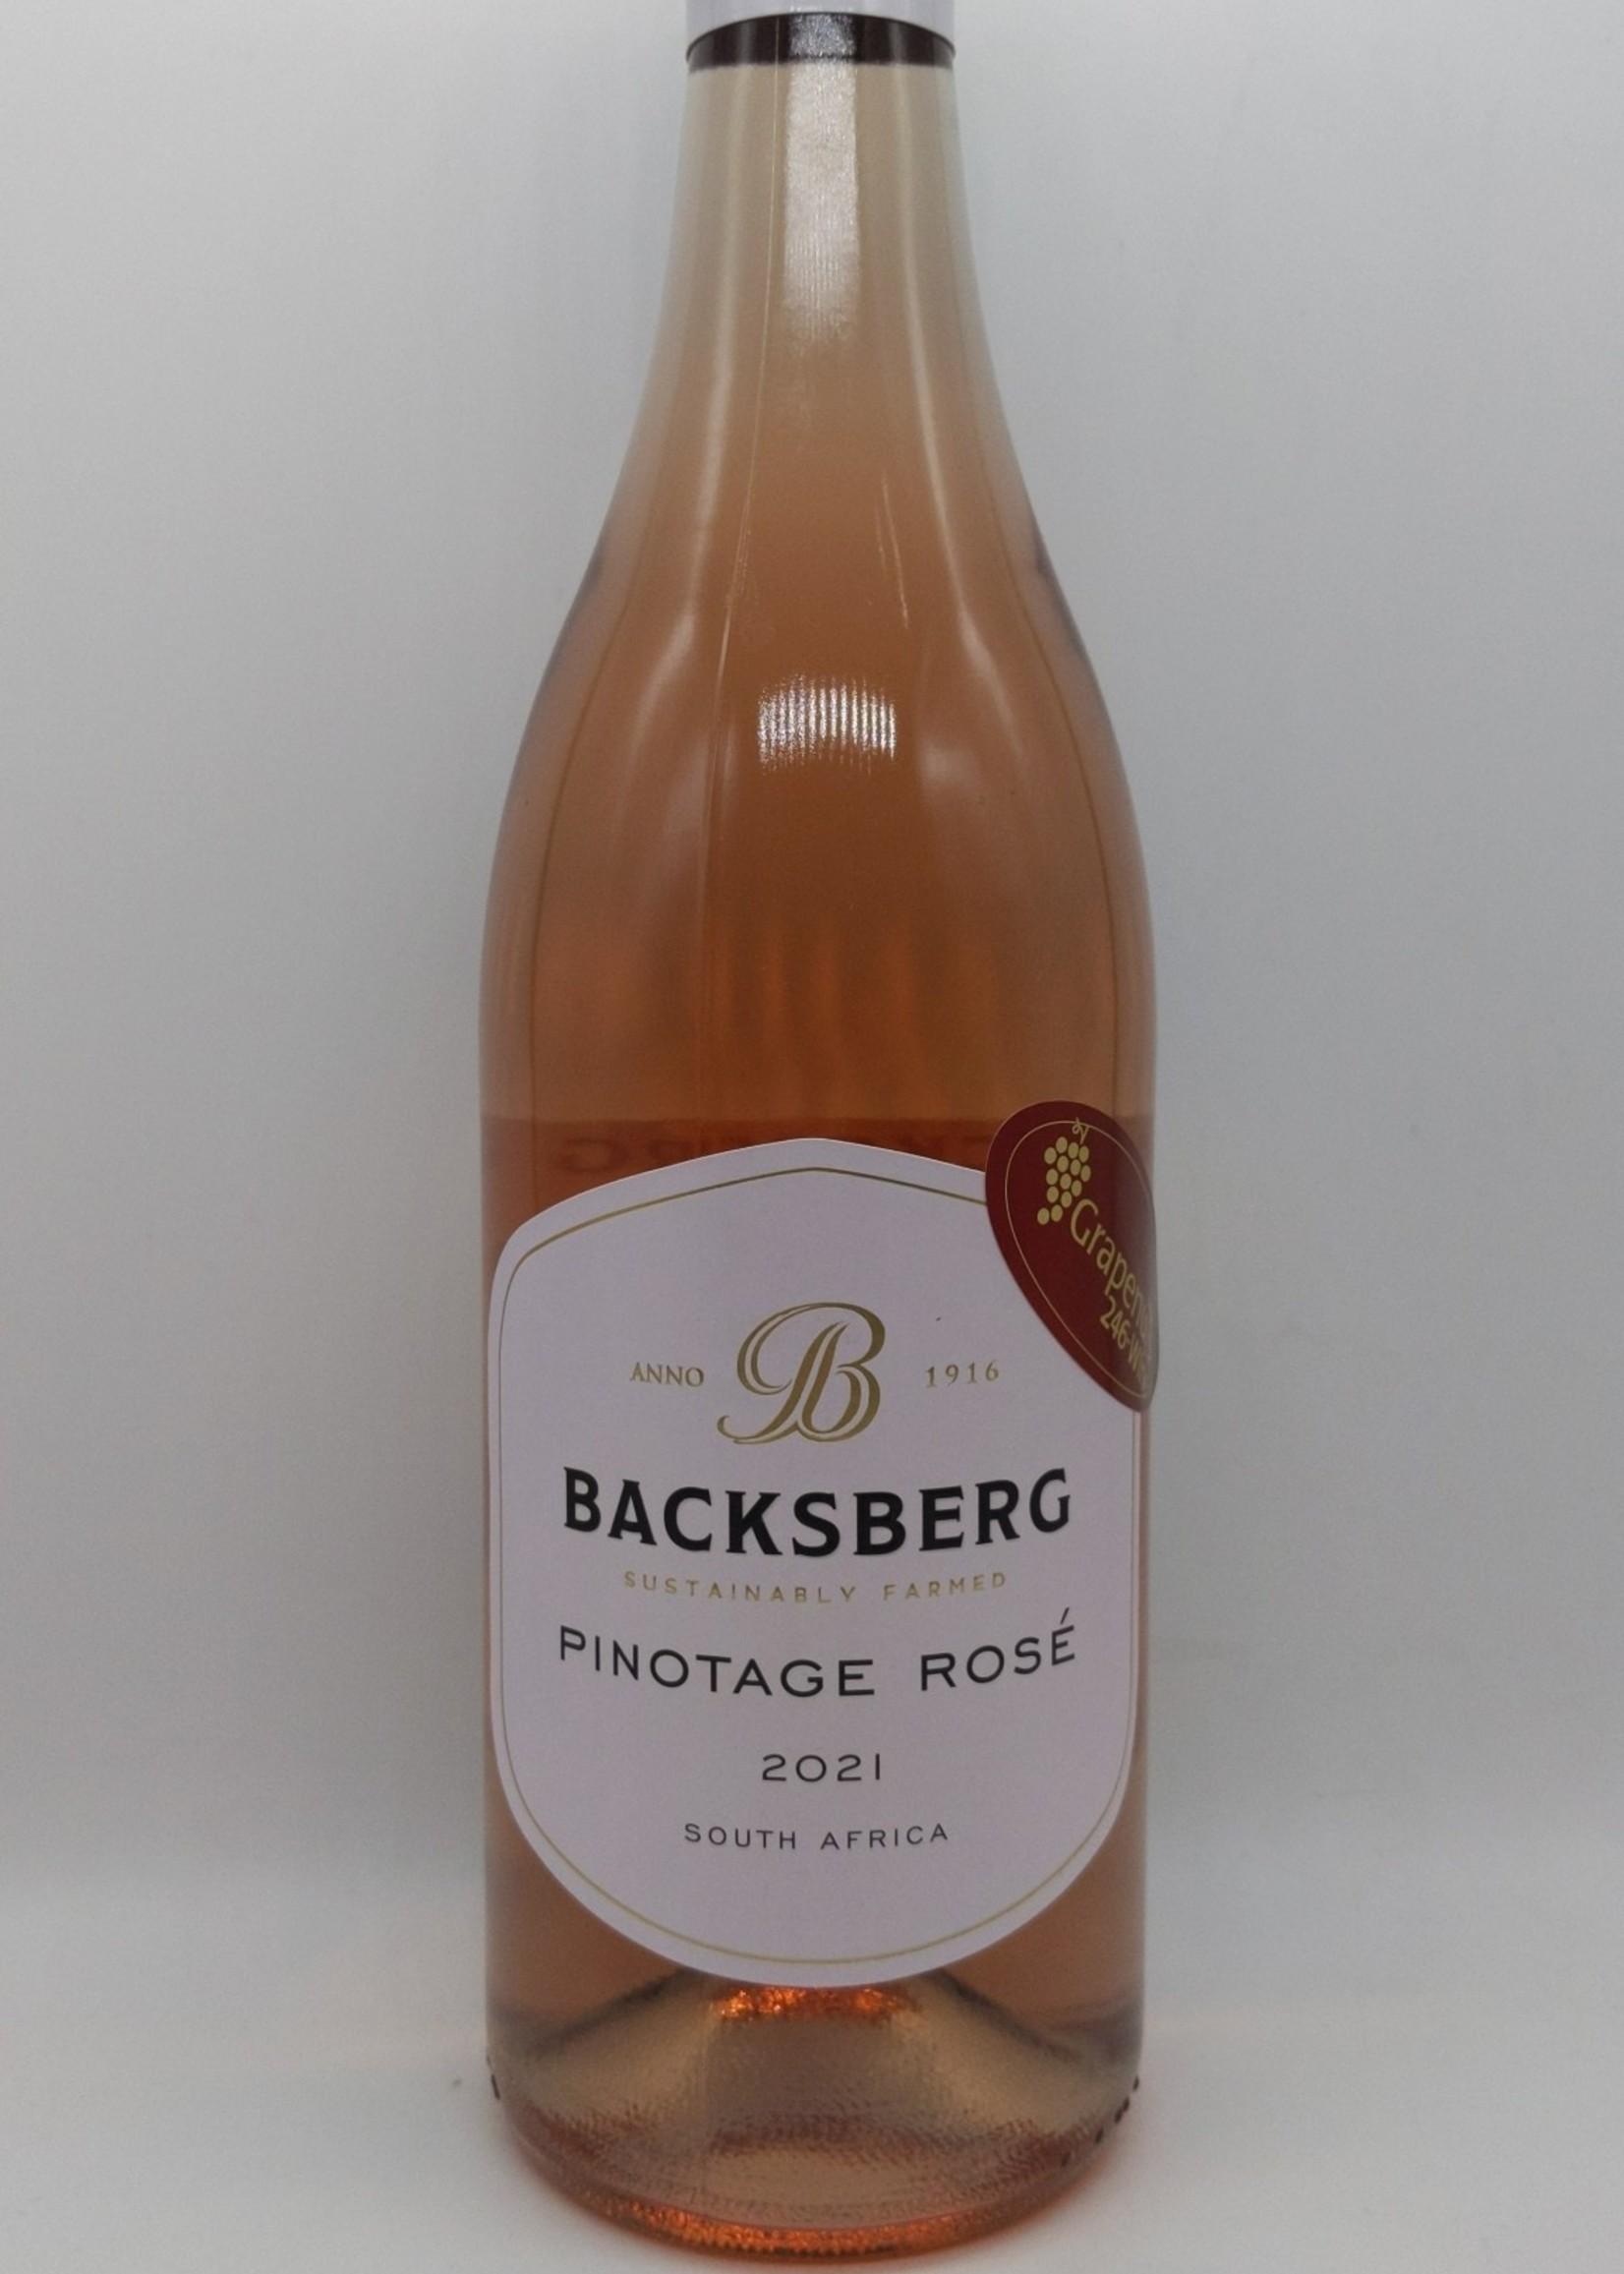 2021 BACKSBERG PINOTAGE ROSE 750ml